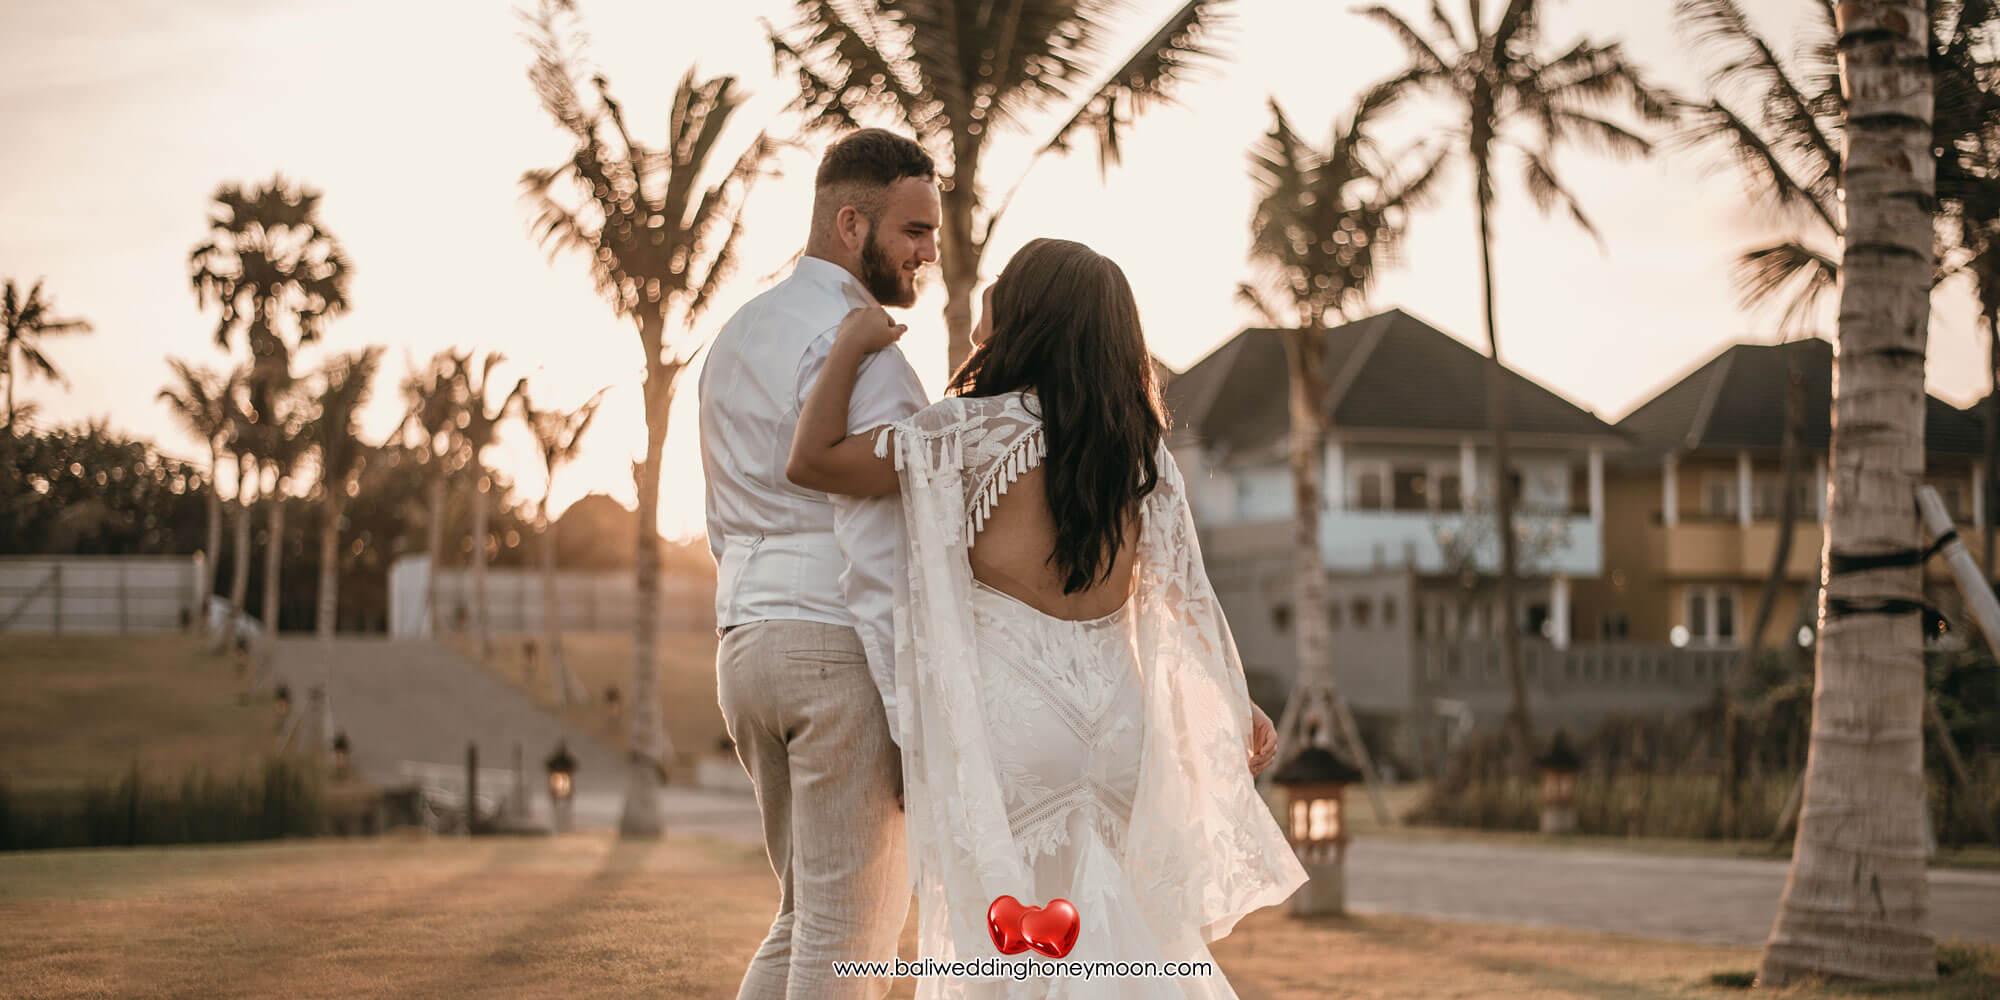 weddingvenuebali-villawedding-baliweddinghoneymoon-baliweddingorganizer-baliweddingplanner-baliweddingpackage-pushpapuri3